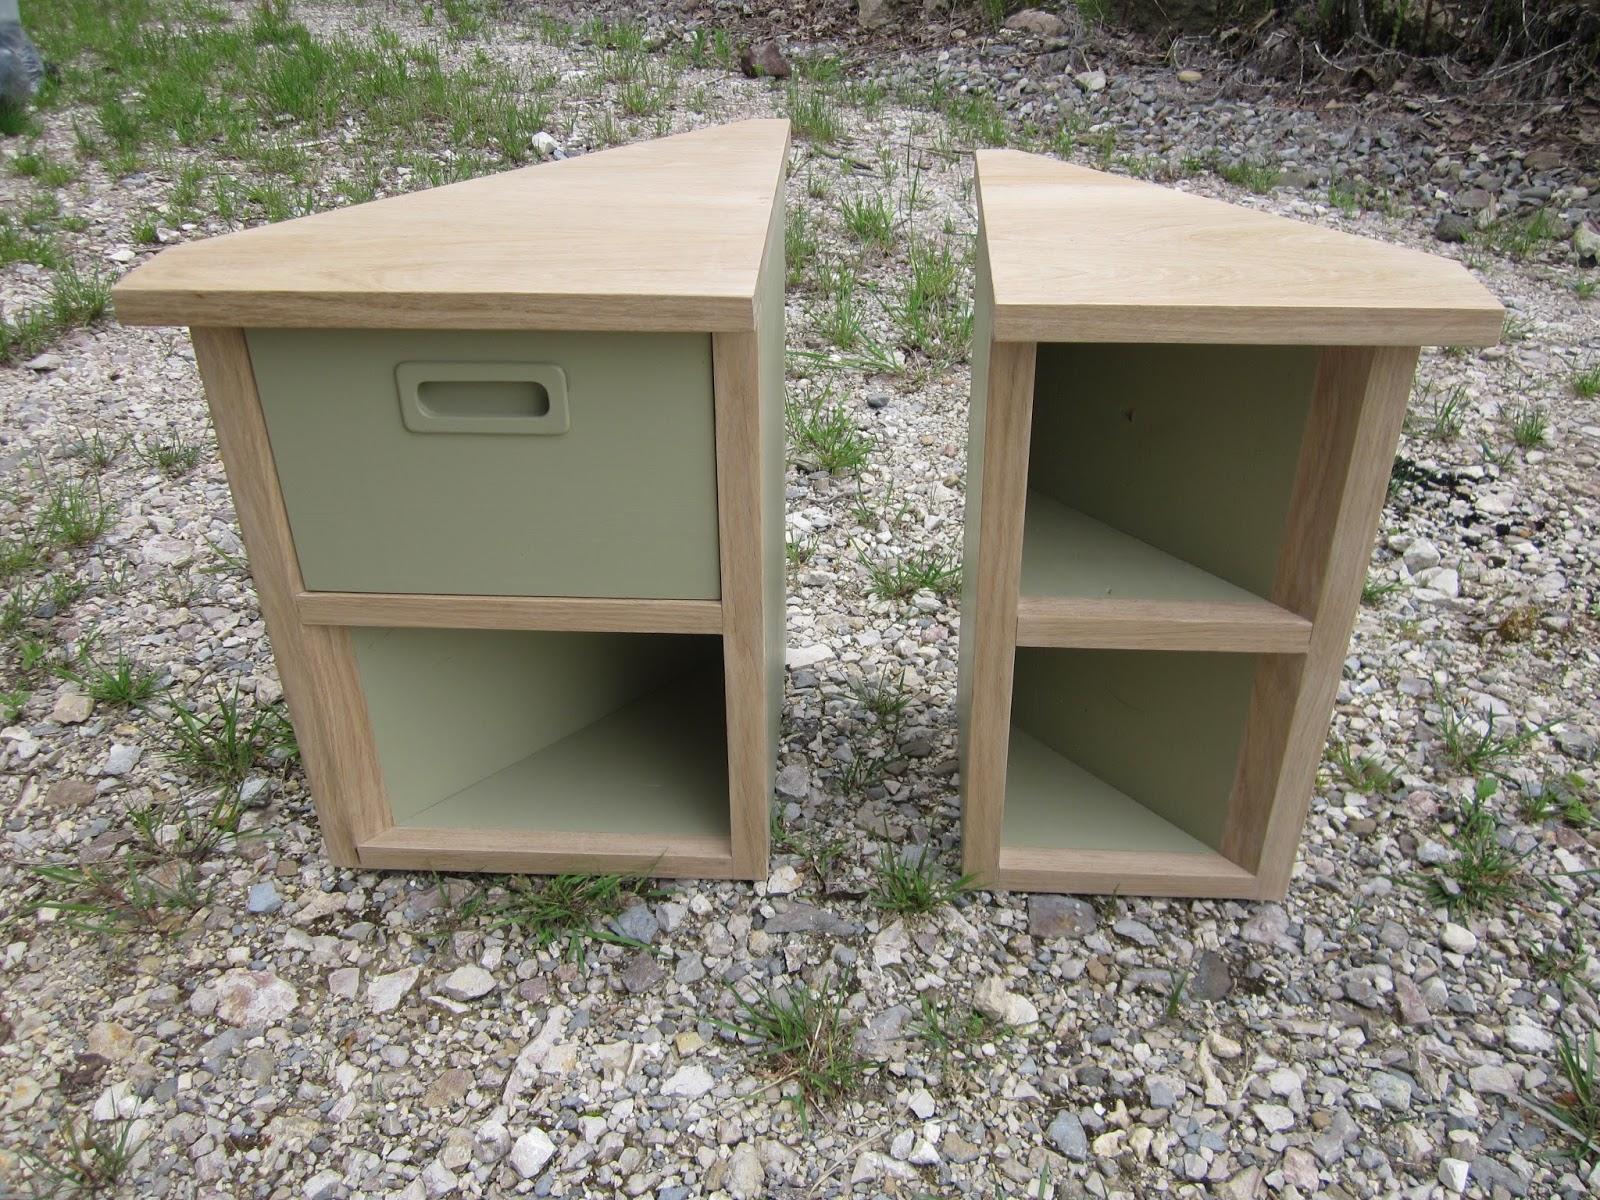 Meubles a contre fil fabrication meubles sur mesure en for Fabrication meuble bois